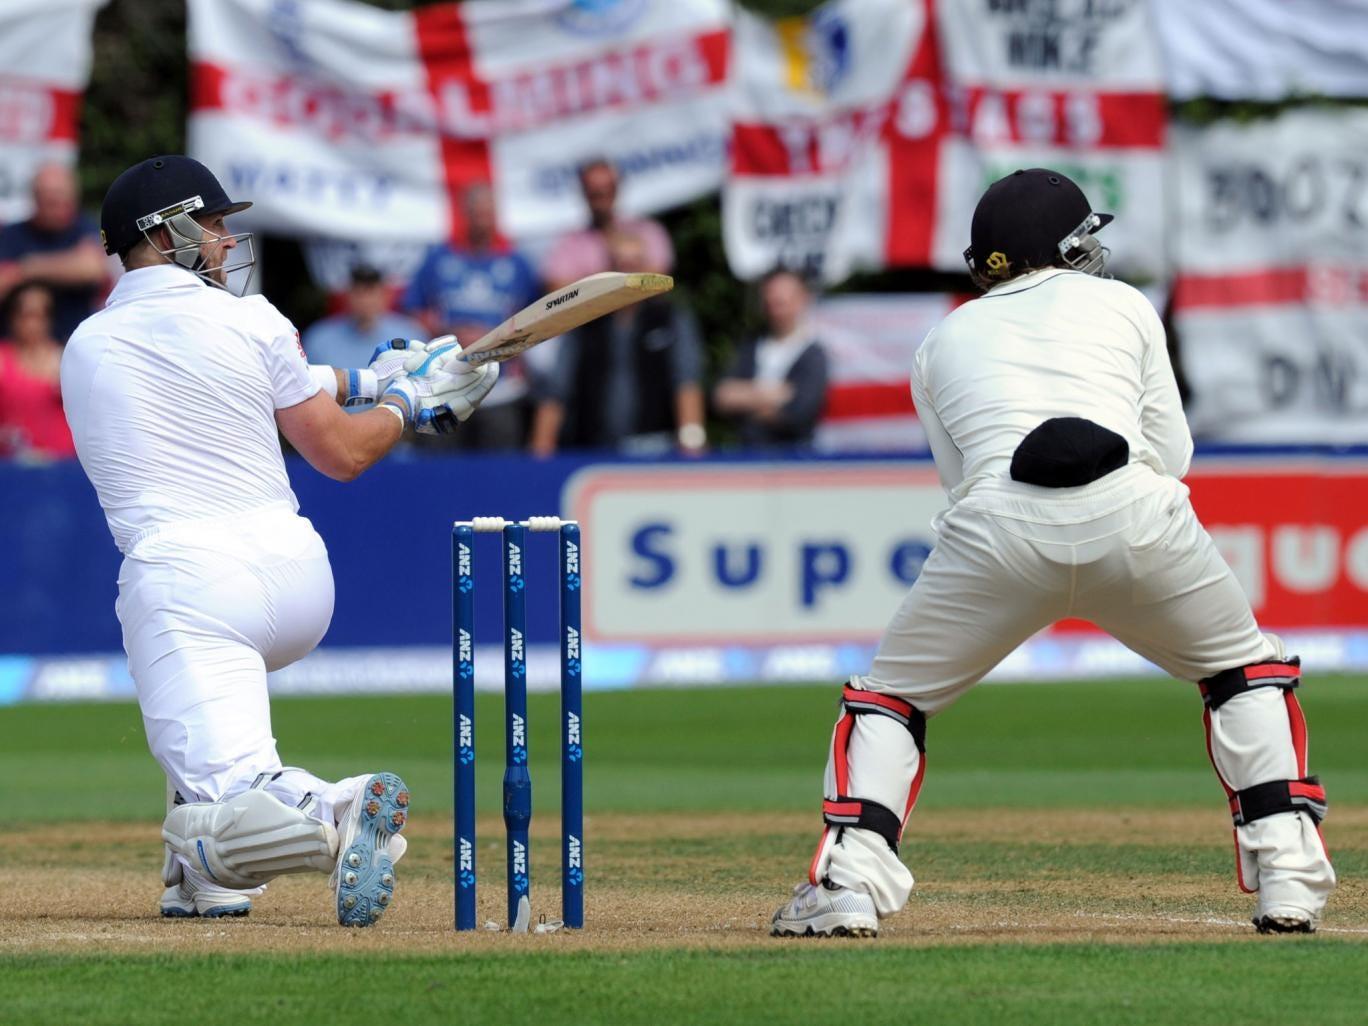 Matt Prior, left, reverse sweeps in front of New Zealand wicketkeeper BJ Watling